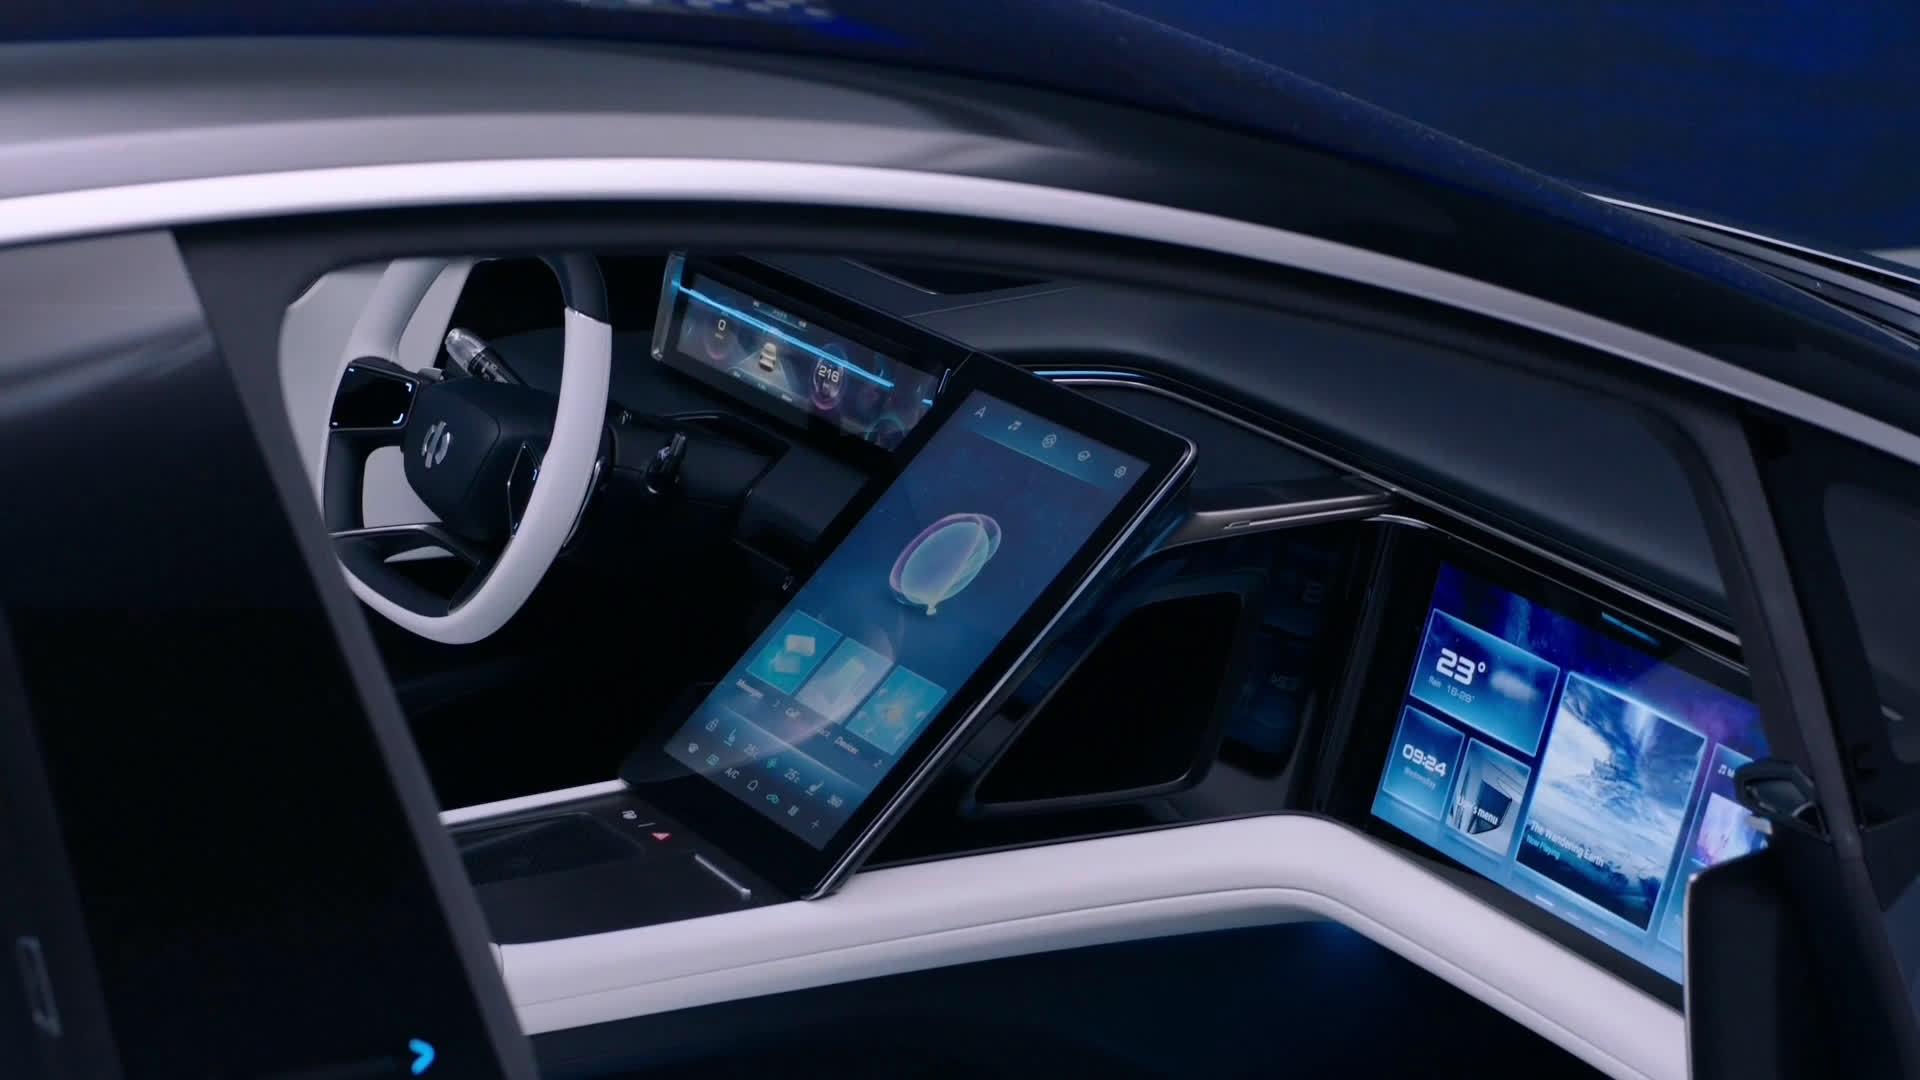 华人运通正式首款量产定型车高合HiPhi 1——多屏+公务舱